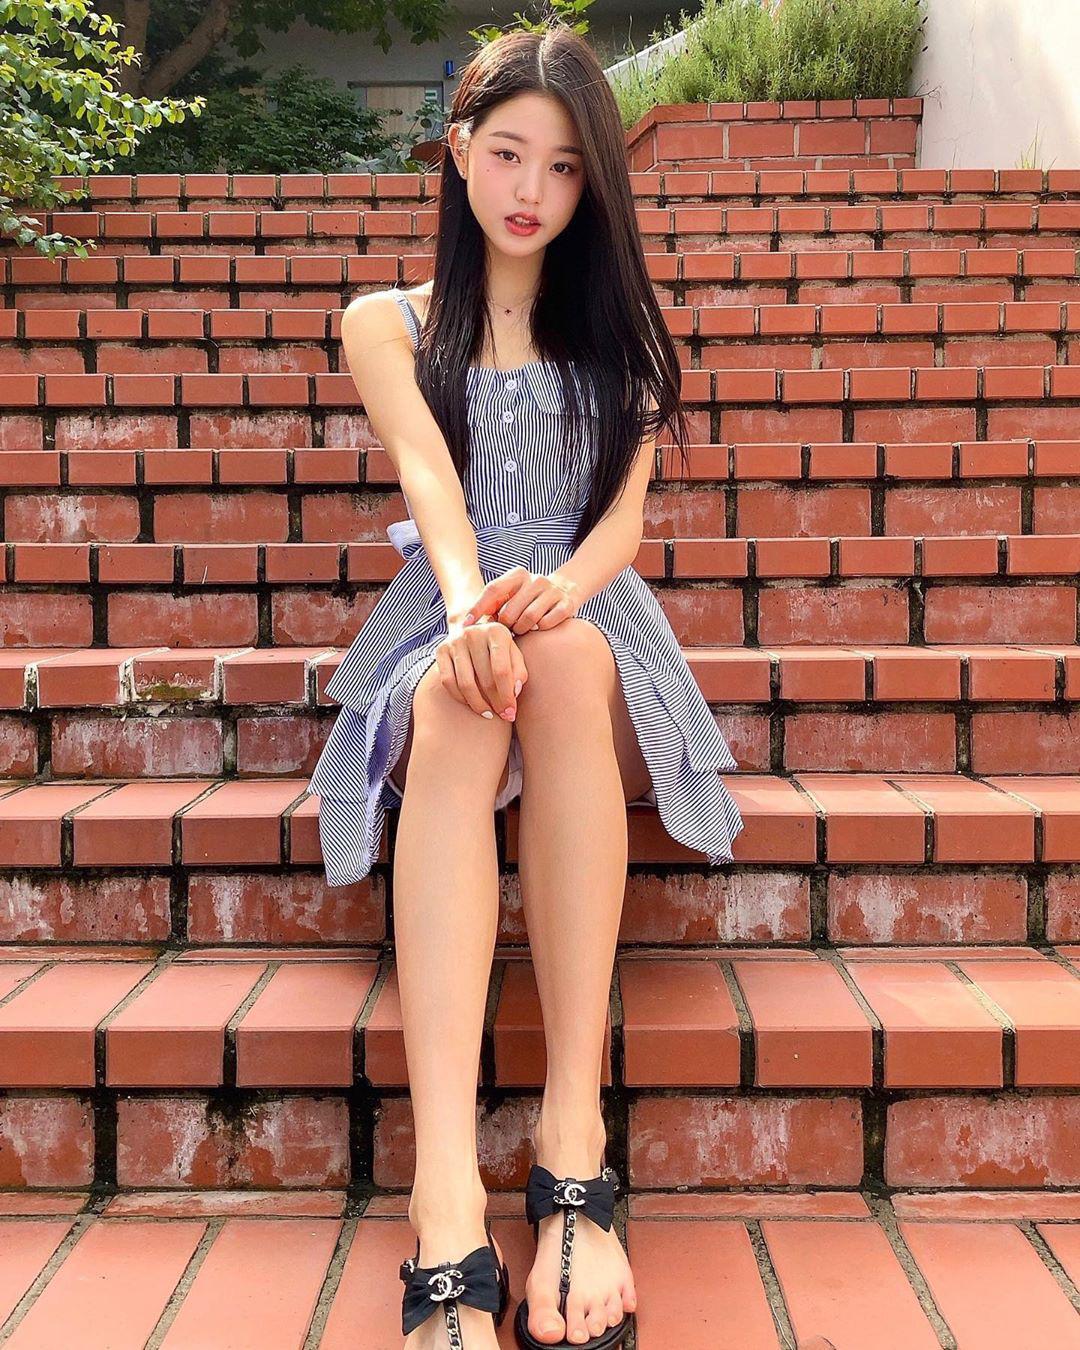 11 set đồ đời thường xinh trẻ của sao Hàn là ý tưởng mặc đẹp của chị em - Ảnh 5.